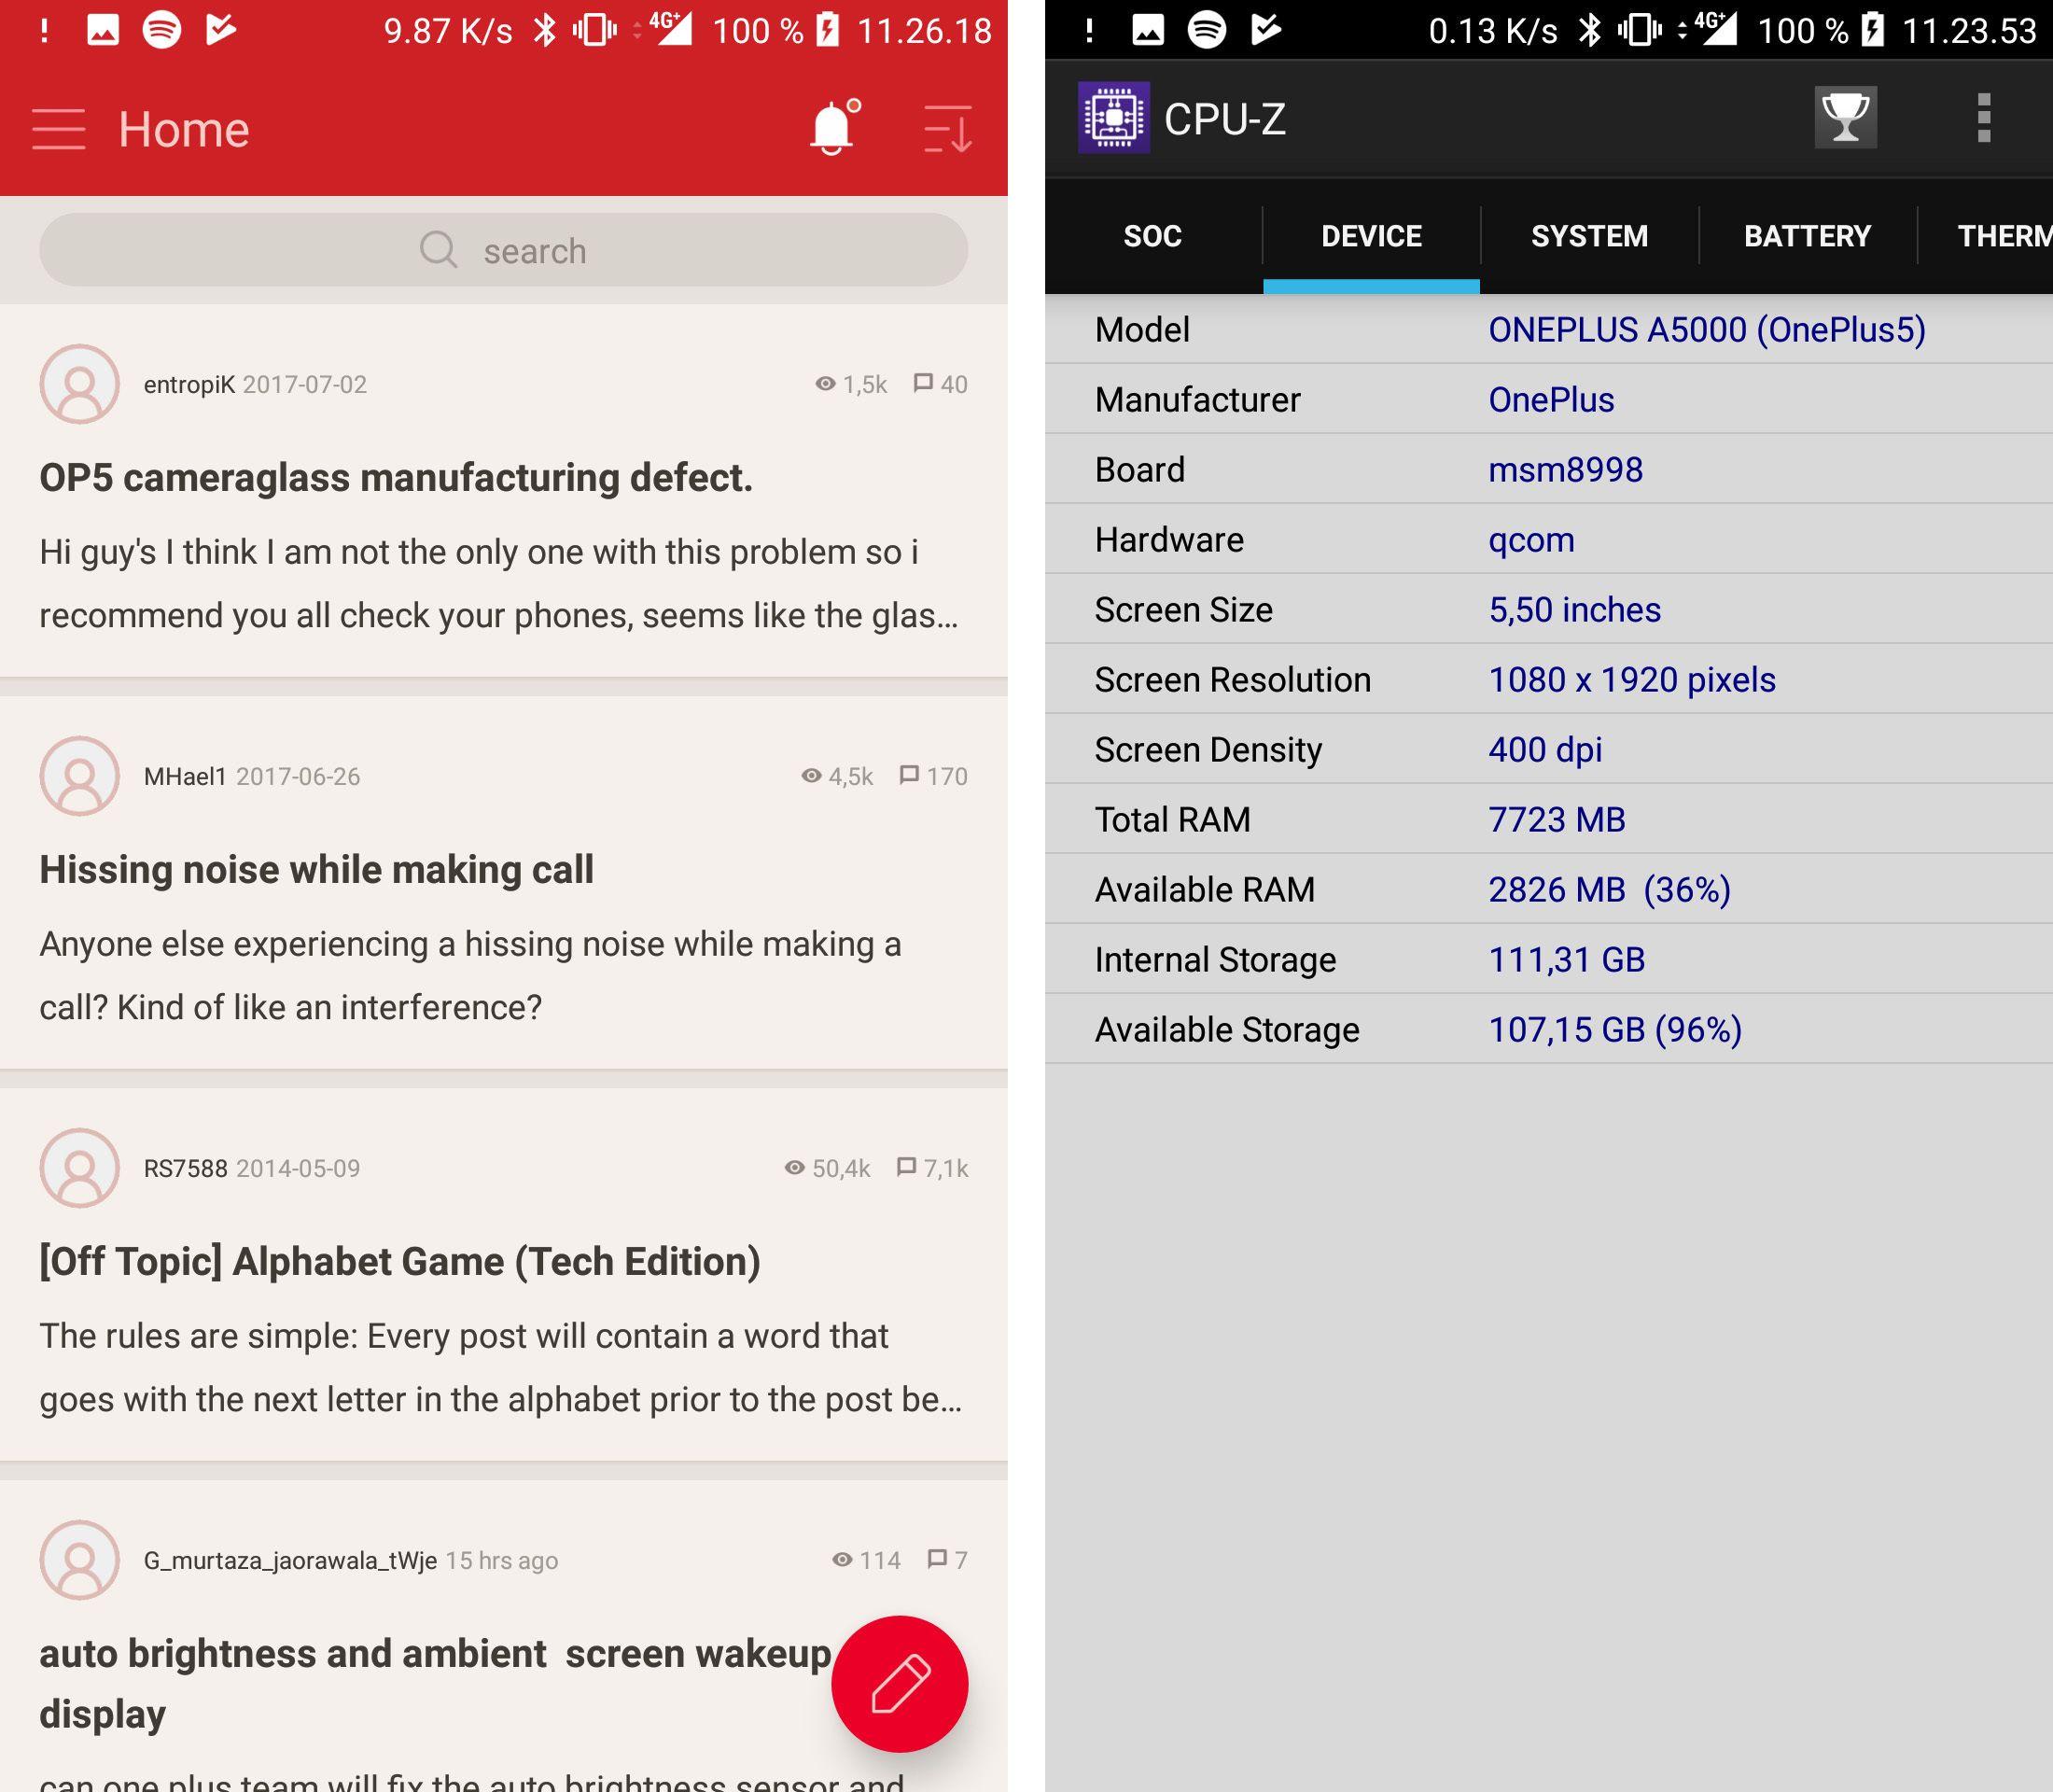 På noen områder er det lett å legge merke til at dette er en entusiasttelefon. En egen app for samfunnet rundt OnePlus følger med, og i vår testmodell er det hele 8 gigabyte RAM.